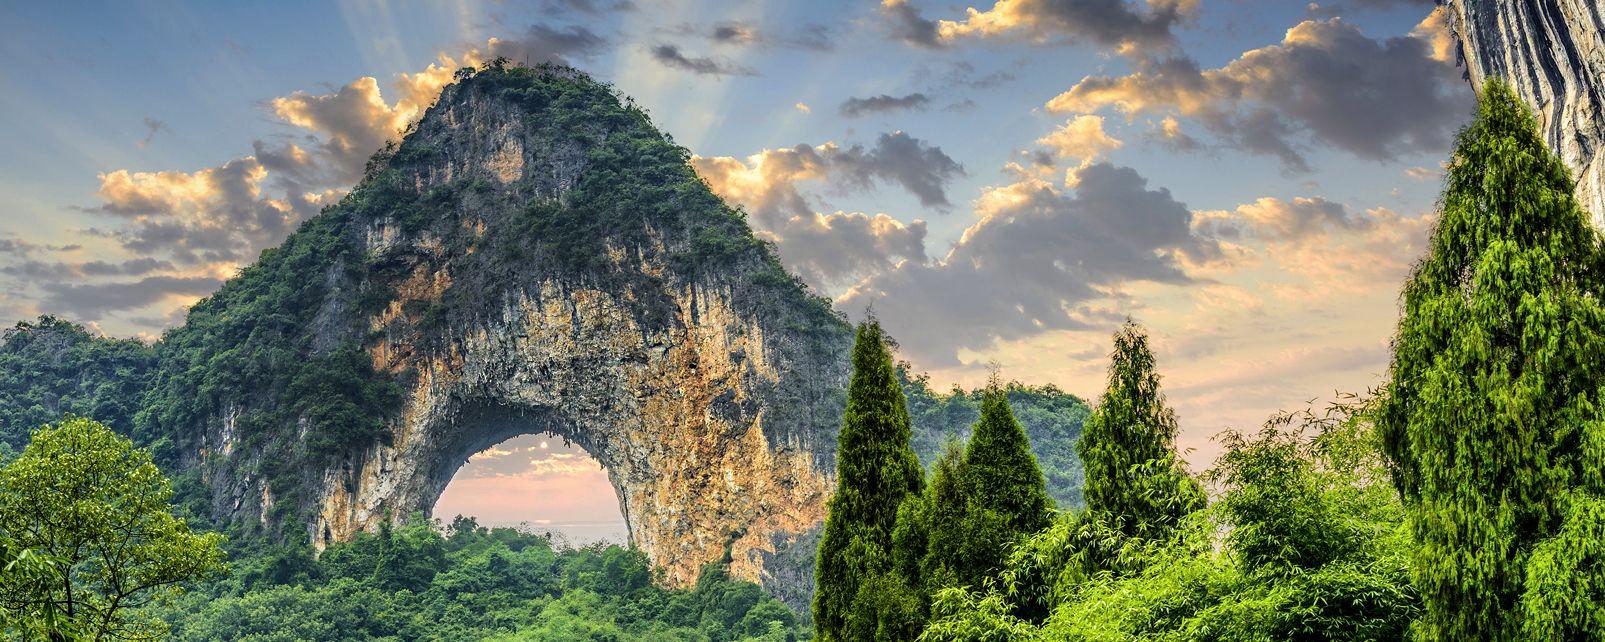 , La colline de la Lune à Yangshuo, Les paysages, Les provinces de l'Ouest